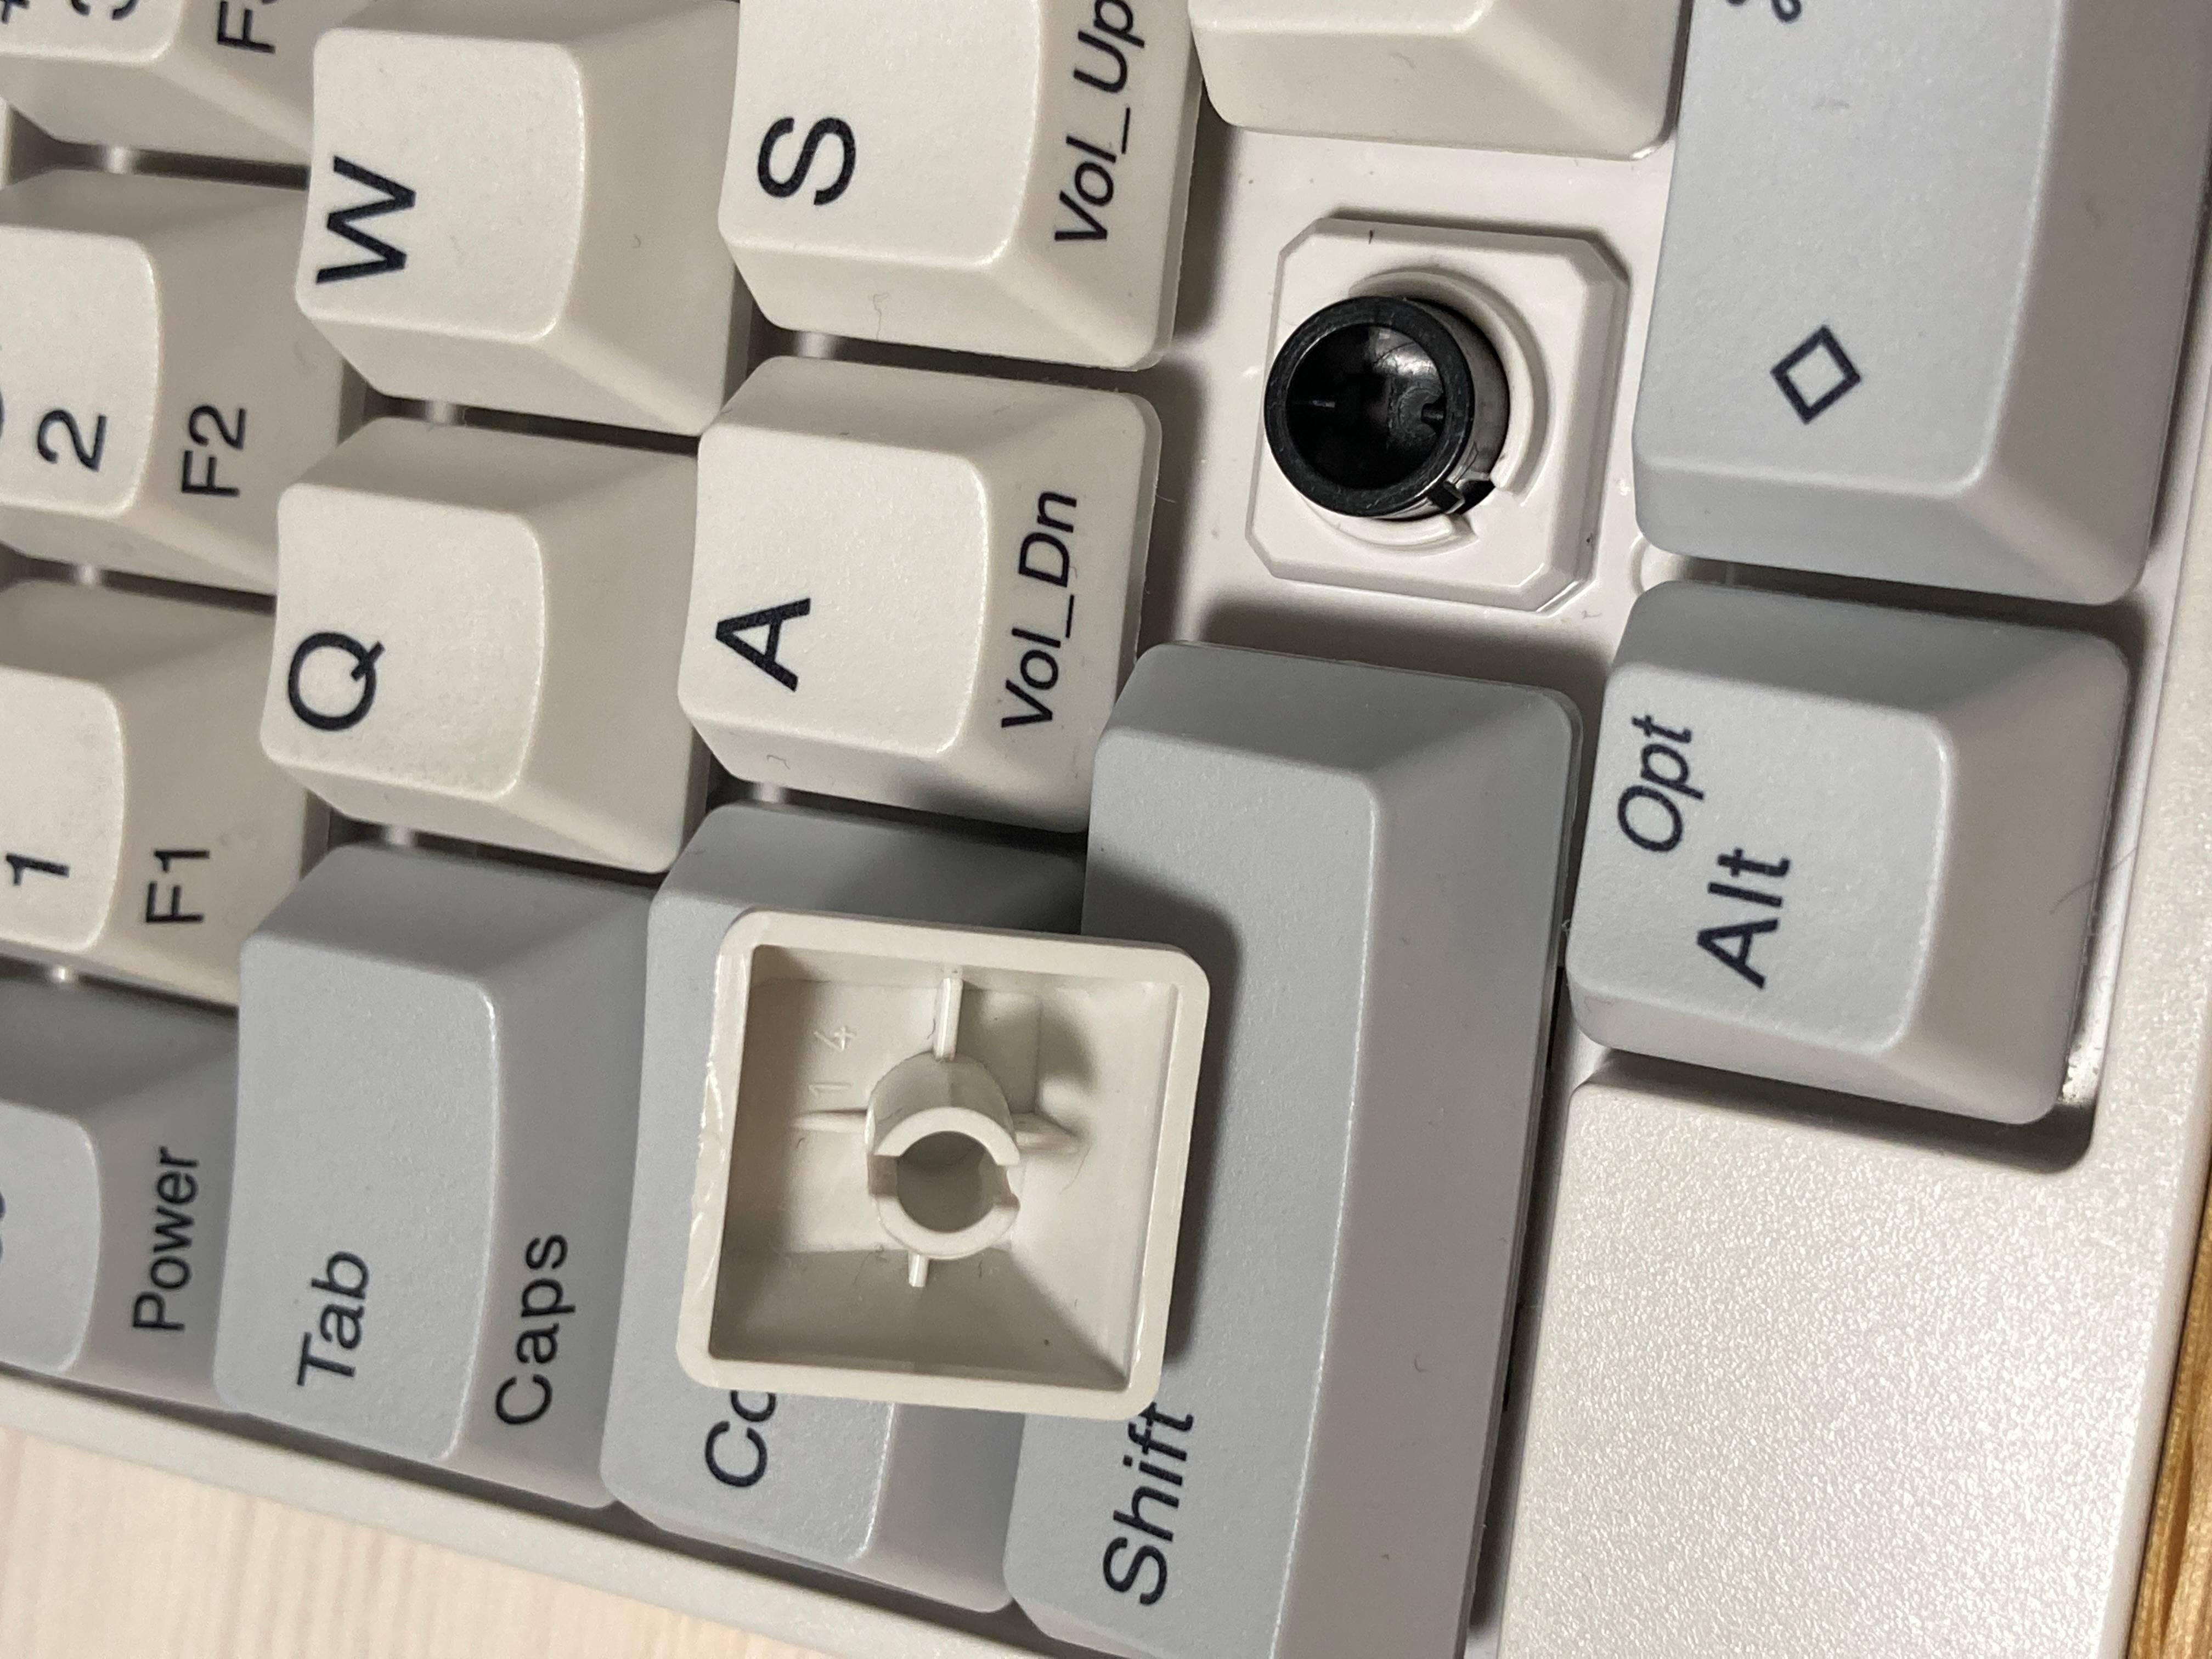 HHKB keycap